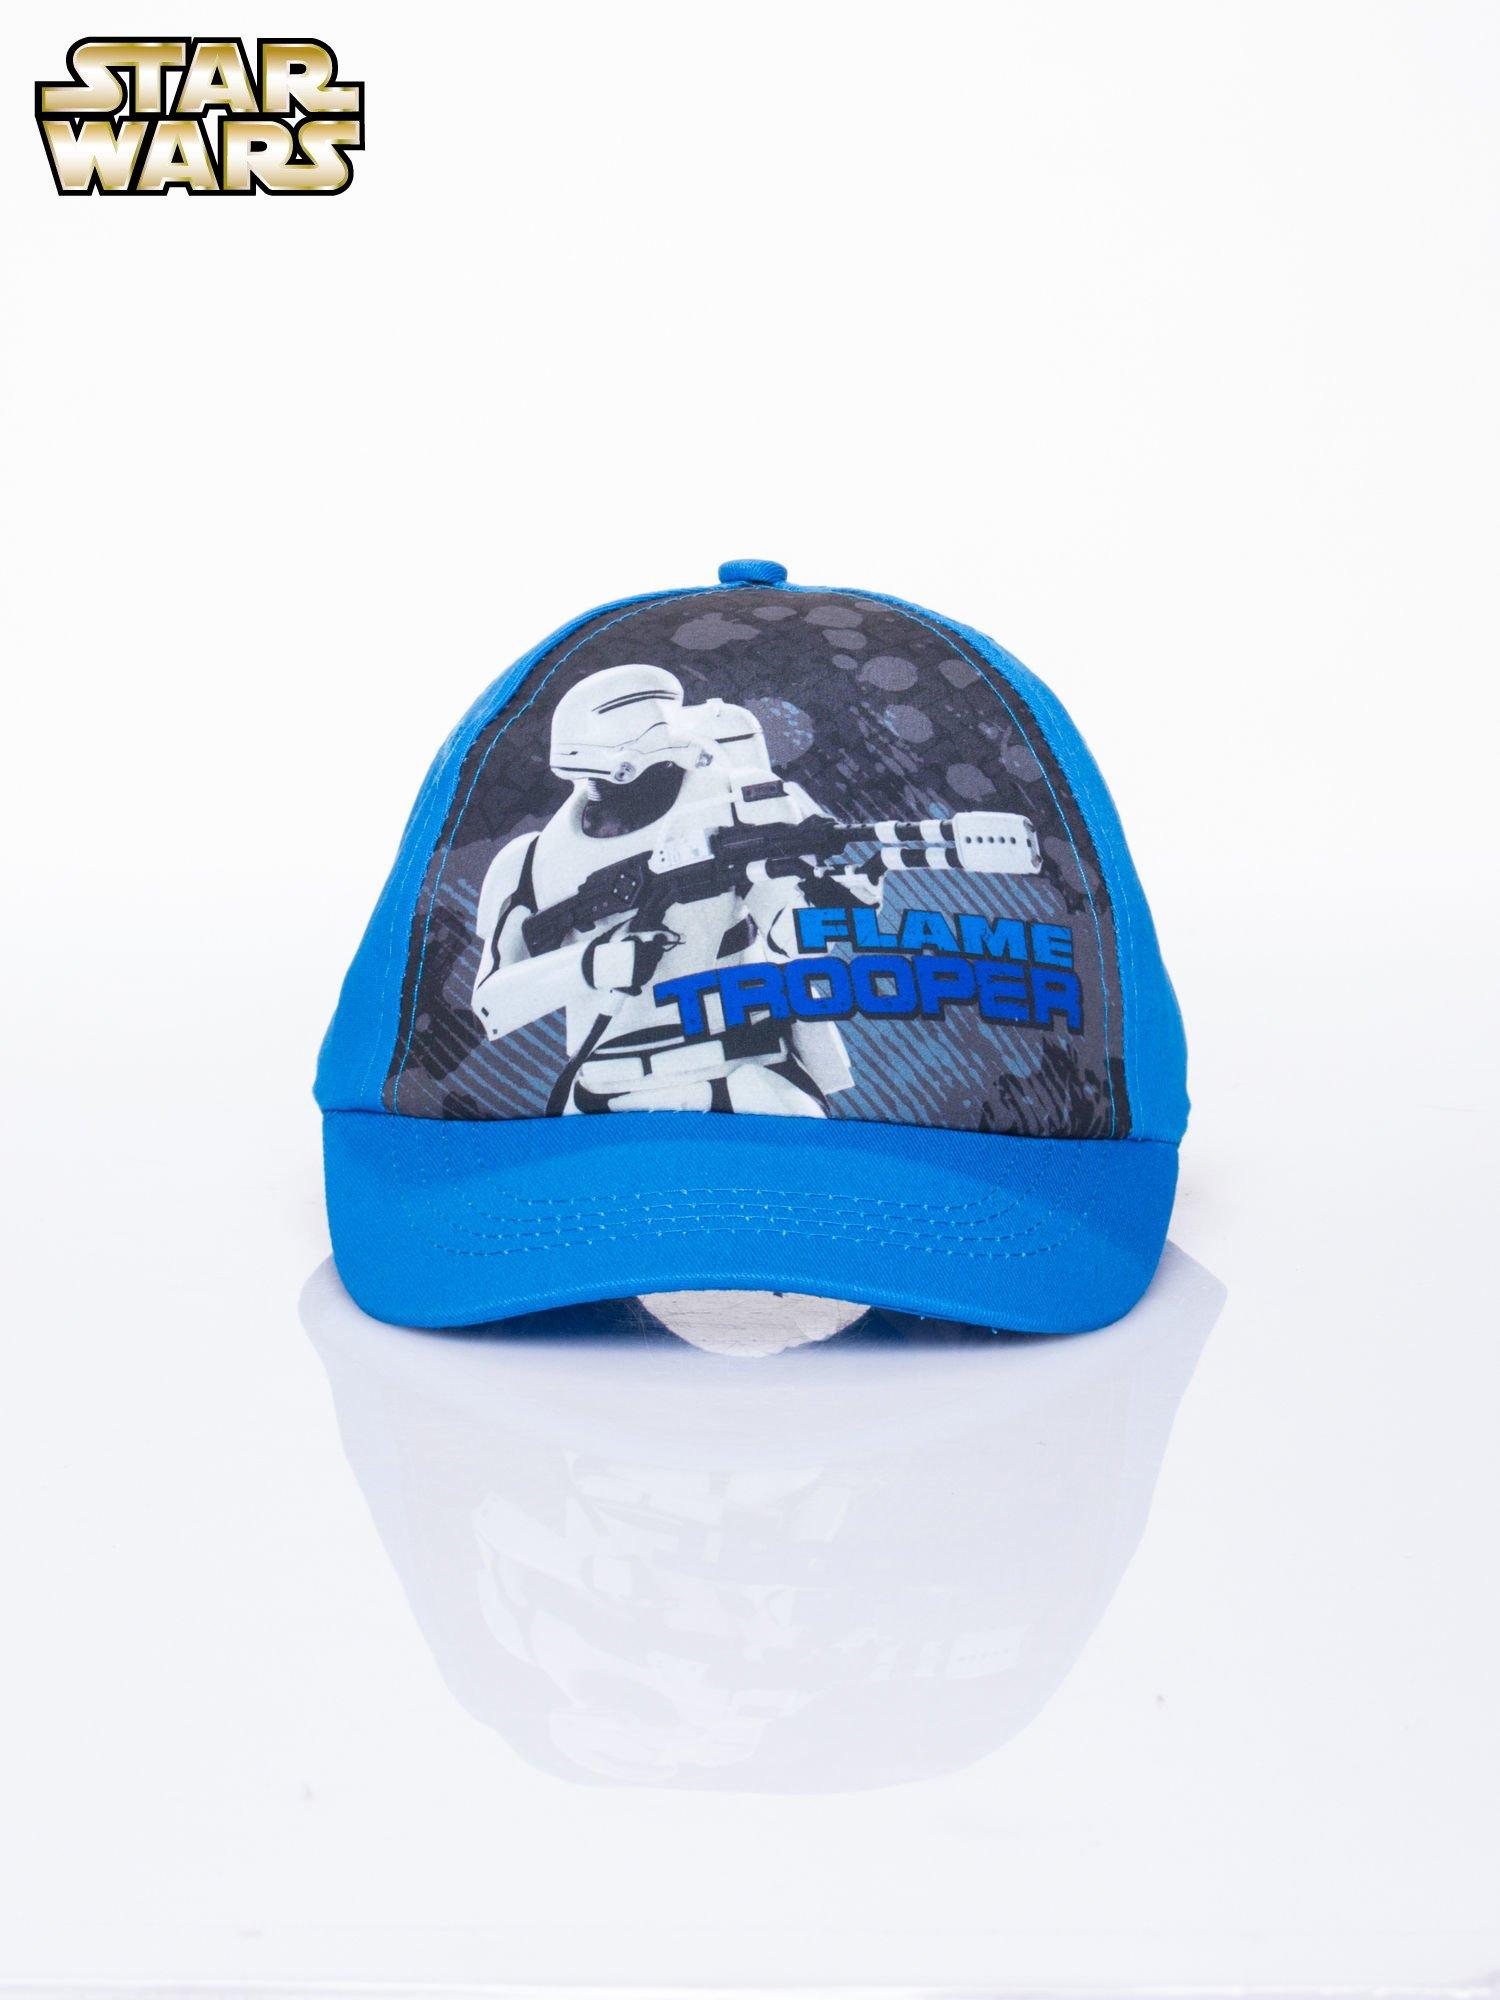 Niebieska chłopięca czapka z daszkiem STAR WARS                                  zdj.                                  1